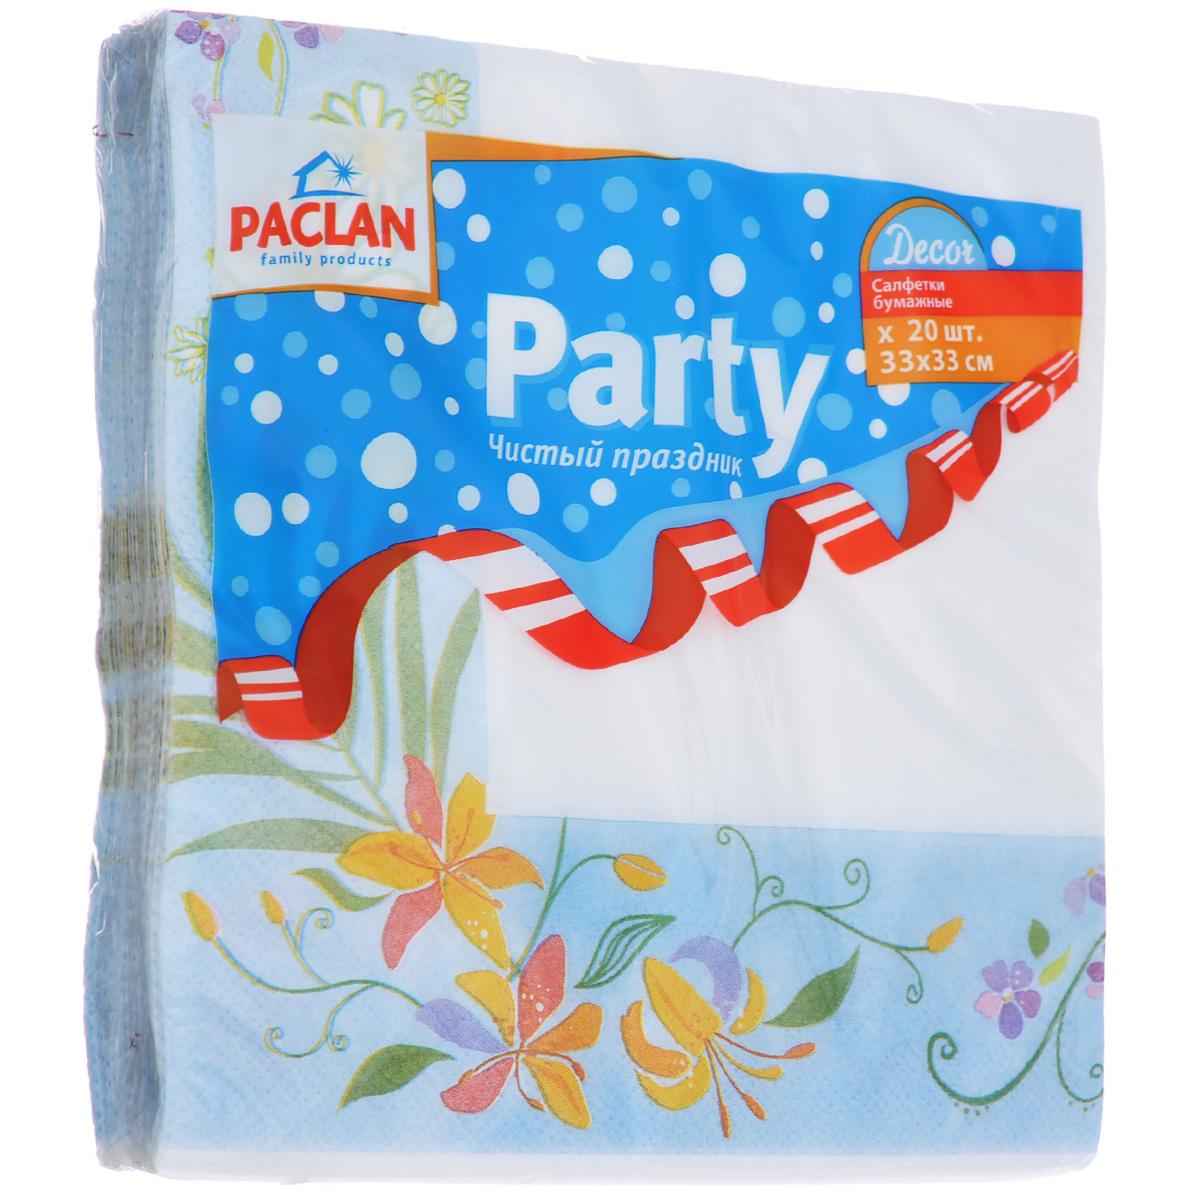 Салфетки бумажные Paclan Party. Decor, цвет: белый, голубой, трехслойные, 33 см х 33 см, 20 штCDF-16Трехслойные бумажные салфетки Paclan Party. Decor, выполненные из натуральной целлюлозы, станут отличным дополнением праздничного стола. Изделия украшены изображениями цветов. Они отличаются необычной мягкостью и прочностью. Салфетки красиво оформят сервировку стола. Размер салфеток: 33 см х 33 см. Количество слоев: 3 слоя. Количество салфеток: 20 шт.